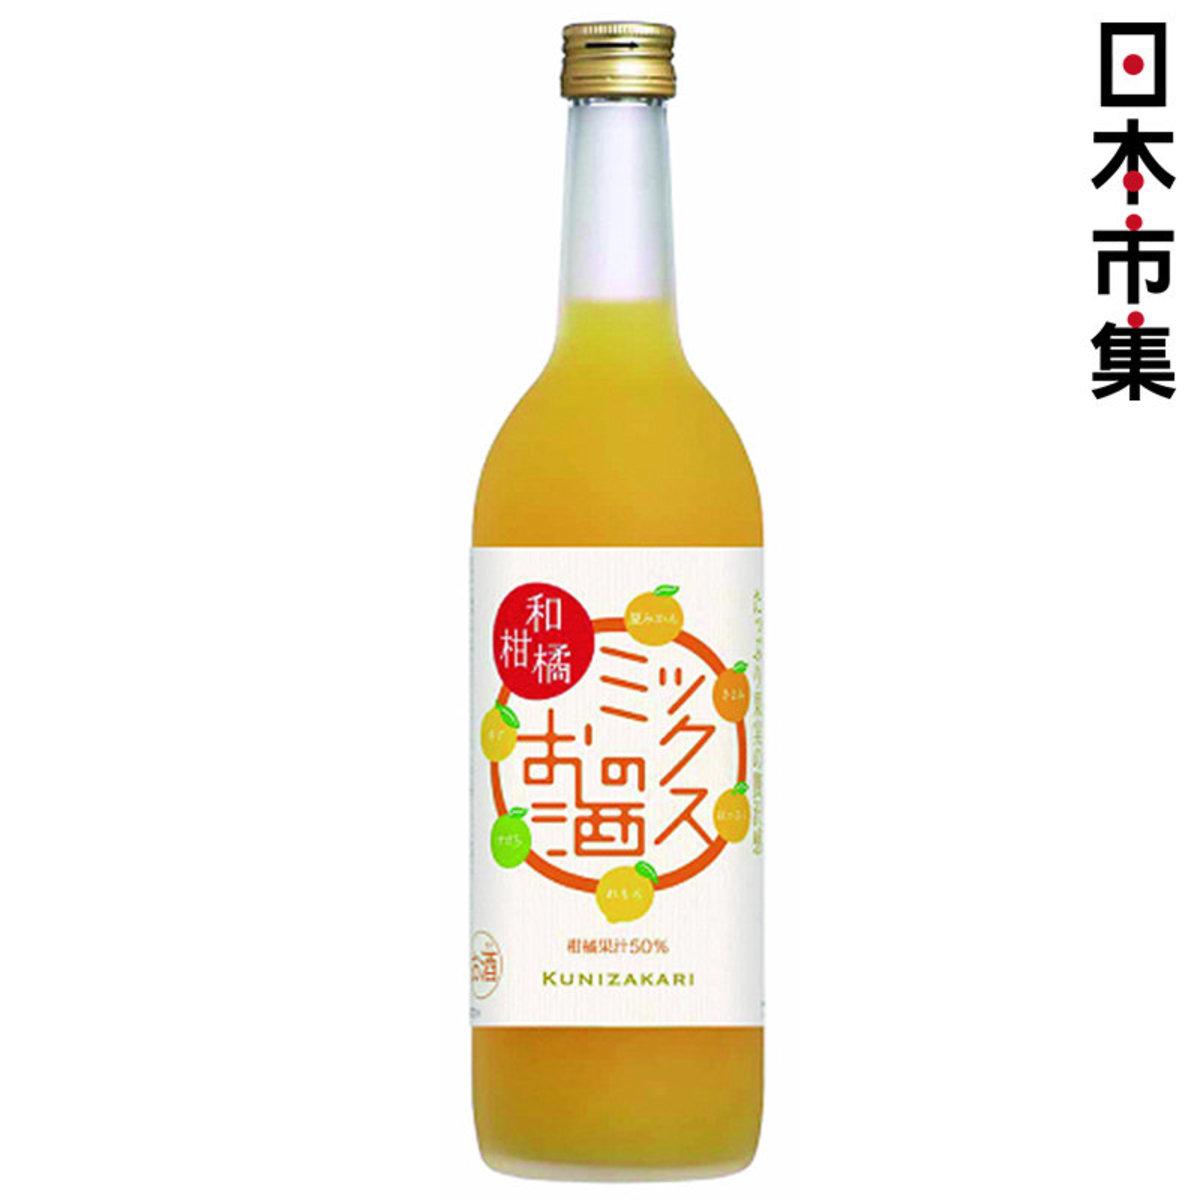 日版 國盛 6款和柑橘果實酒 720ml【市集世界 - 日本市集】